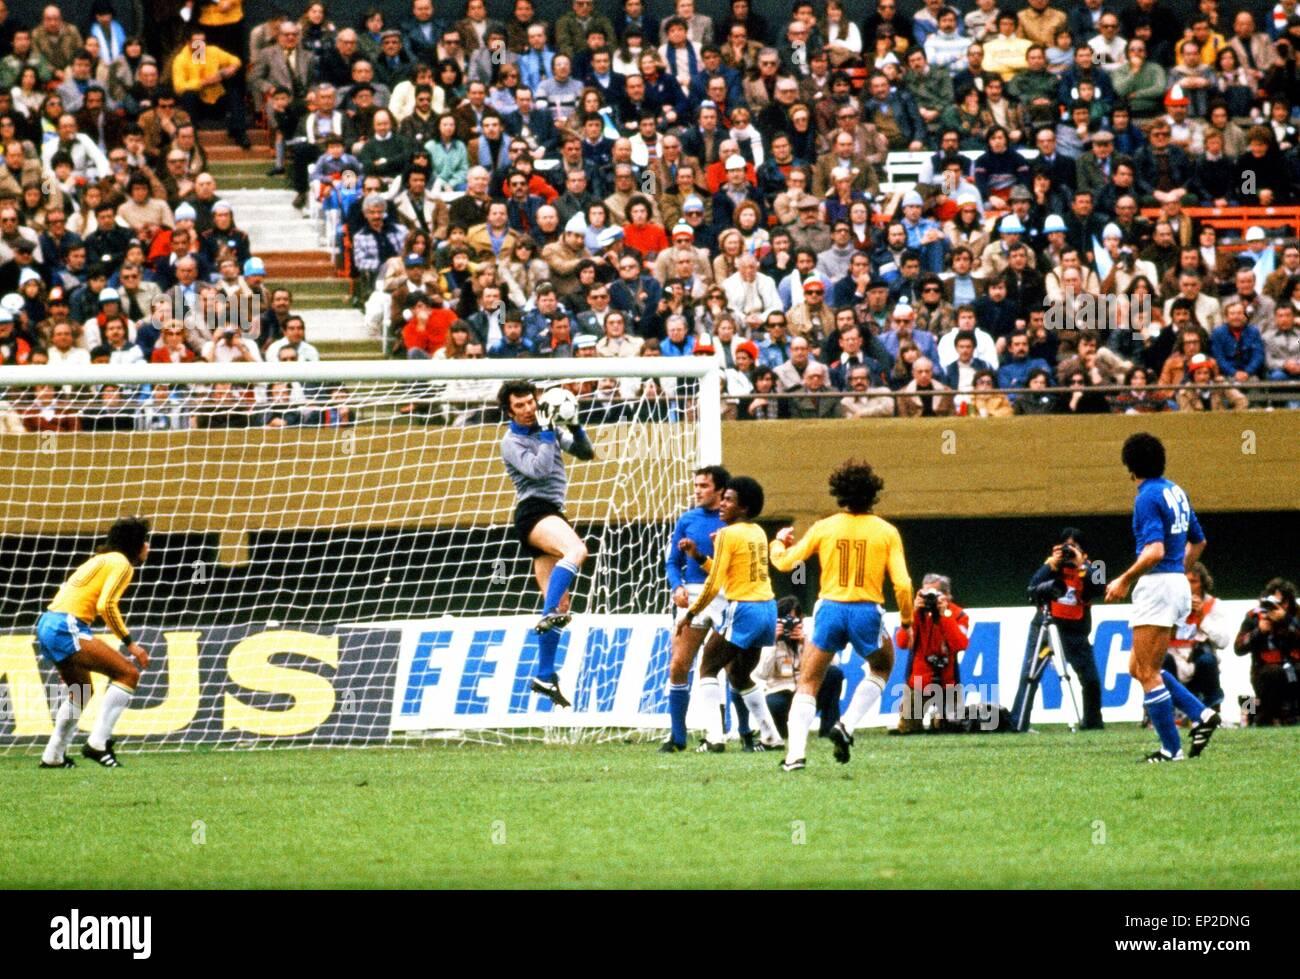 italy vs brazil - photo #50